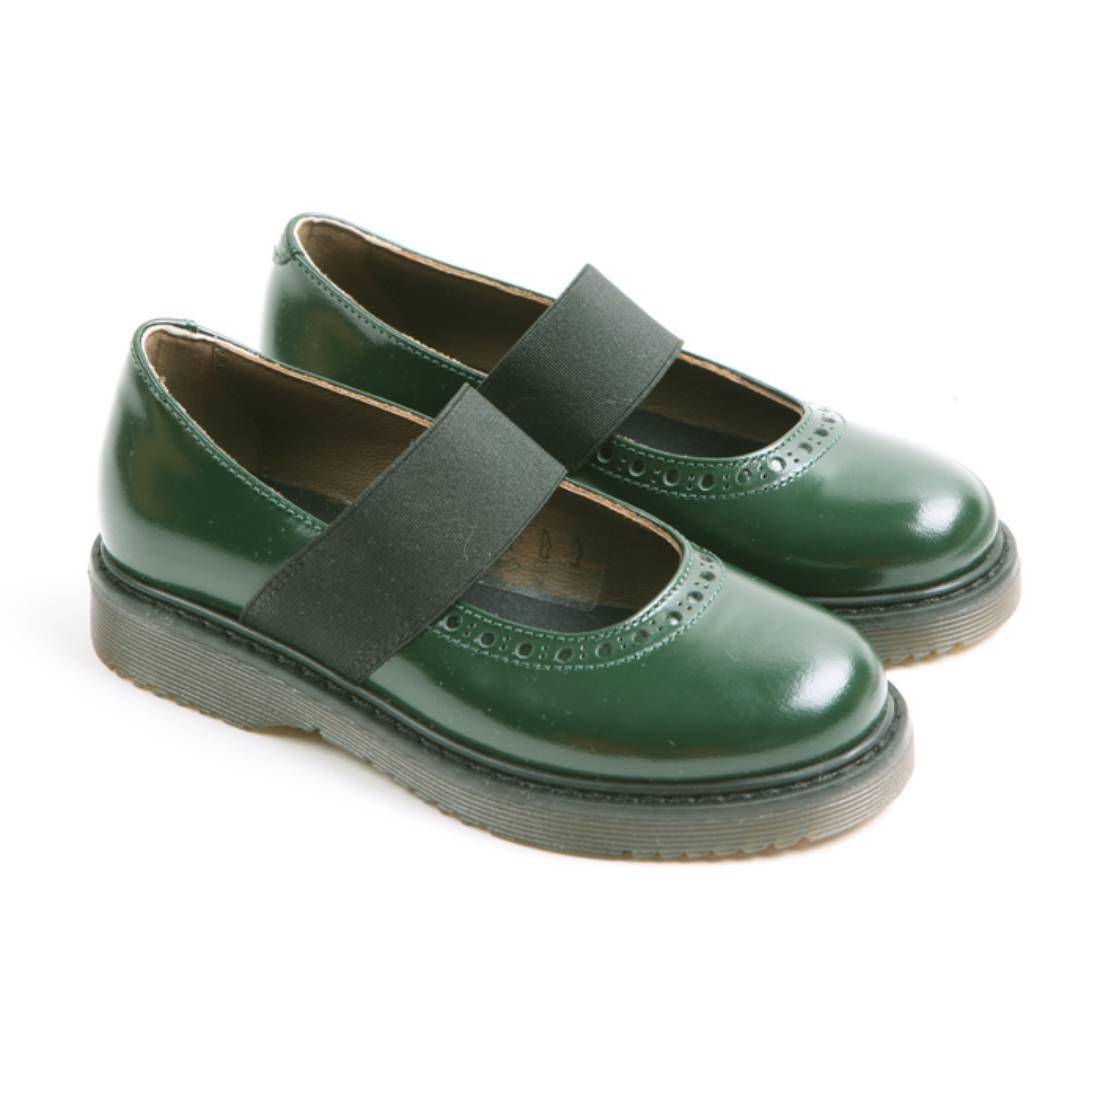 MARNI Enfant Chaussures babies élastique